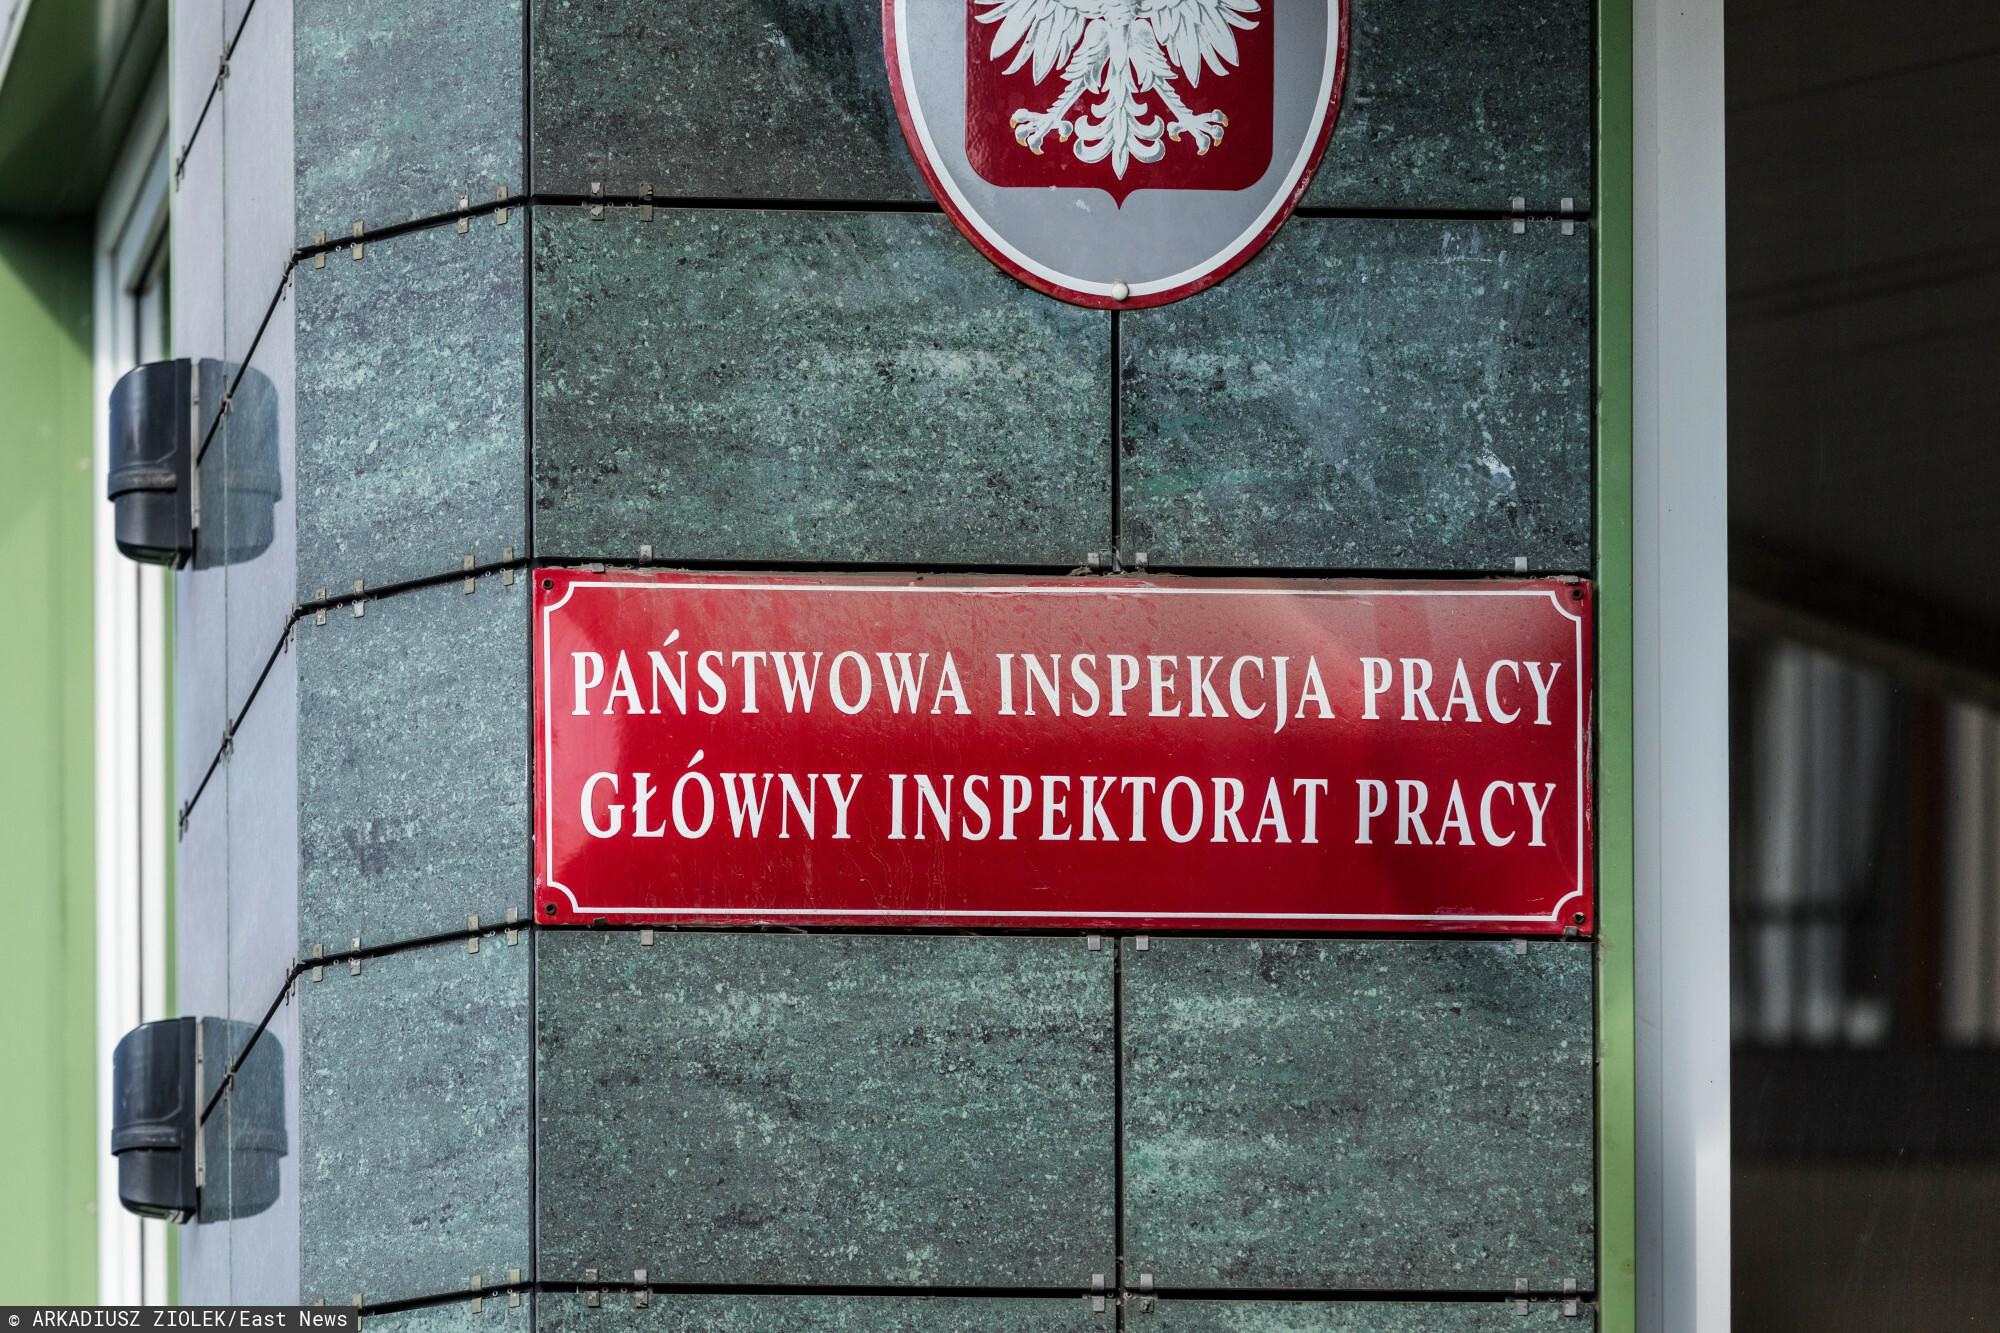 fot: Arkadiusz Ziolek/ East News. Warszawa 10.09.2020. n/z Tablica informacyjna Panstwowej Inspekcji Pracy - Glowny Inspektorat Pracy.